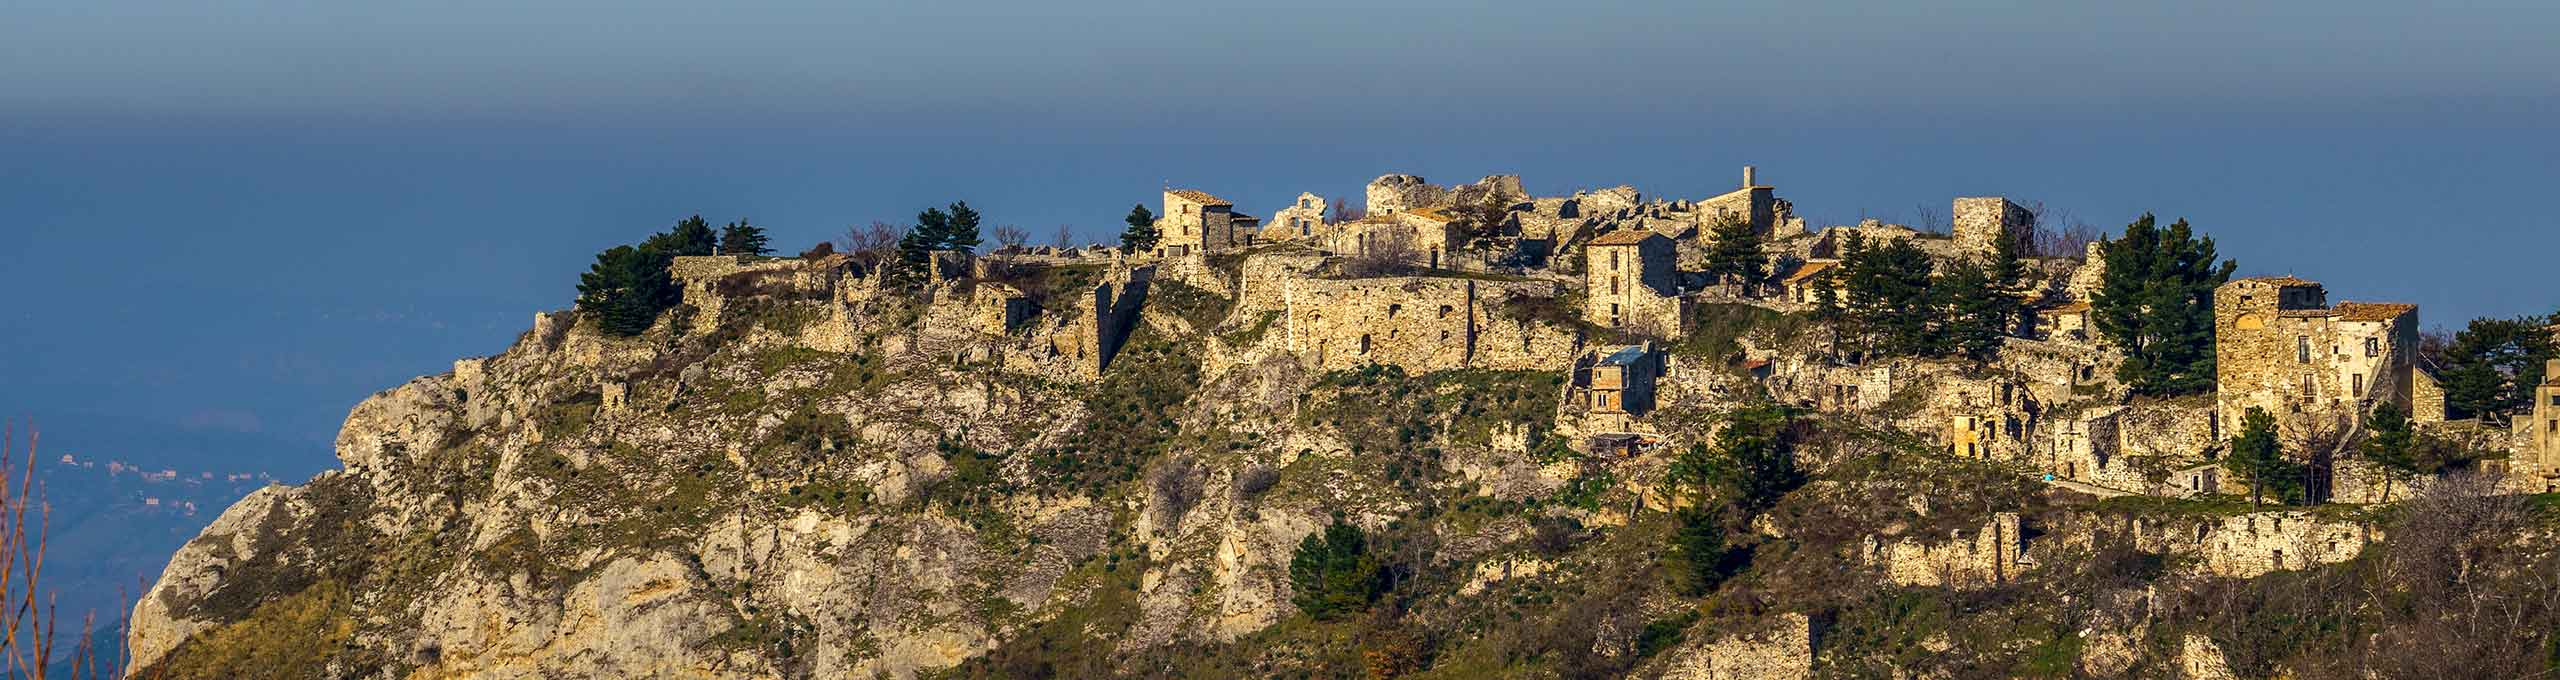 Gessopalena, Parco Nazionale della Majella, il vecchio paese abbandonato